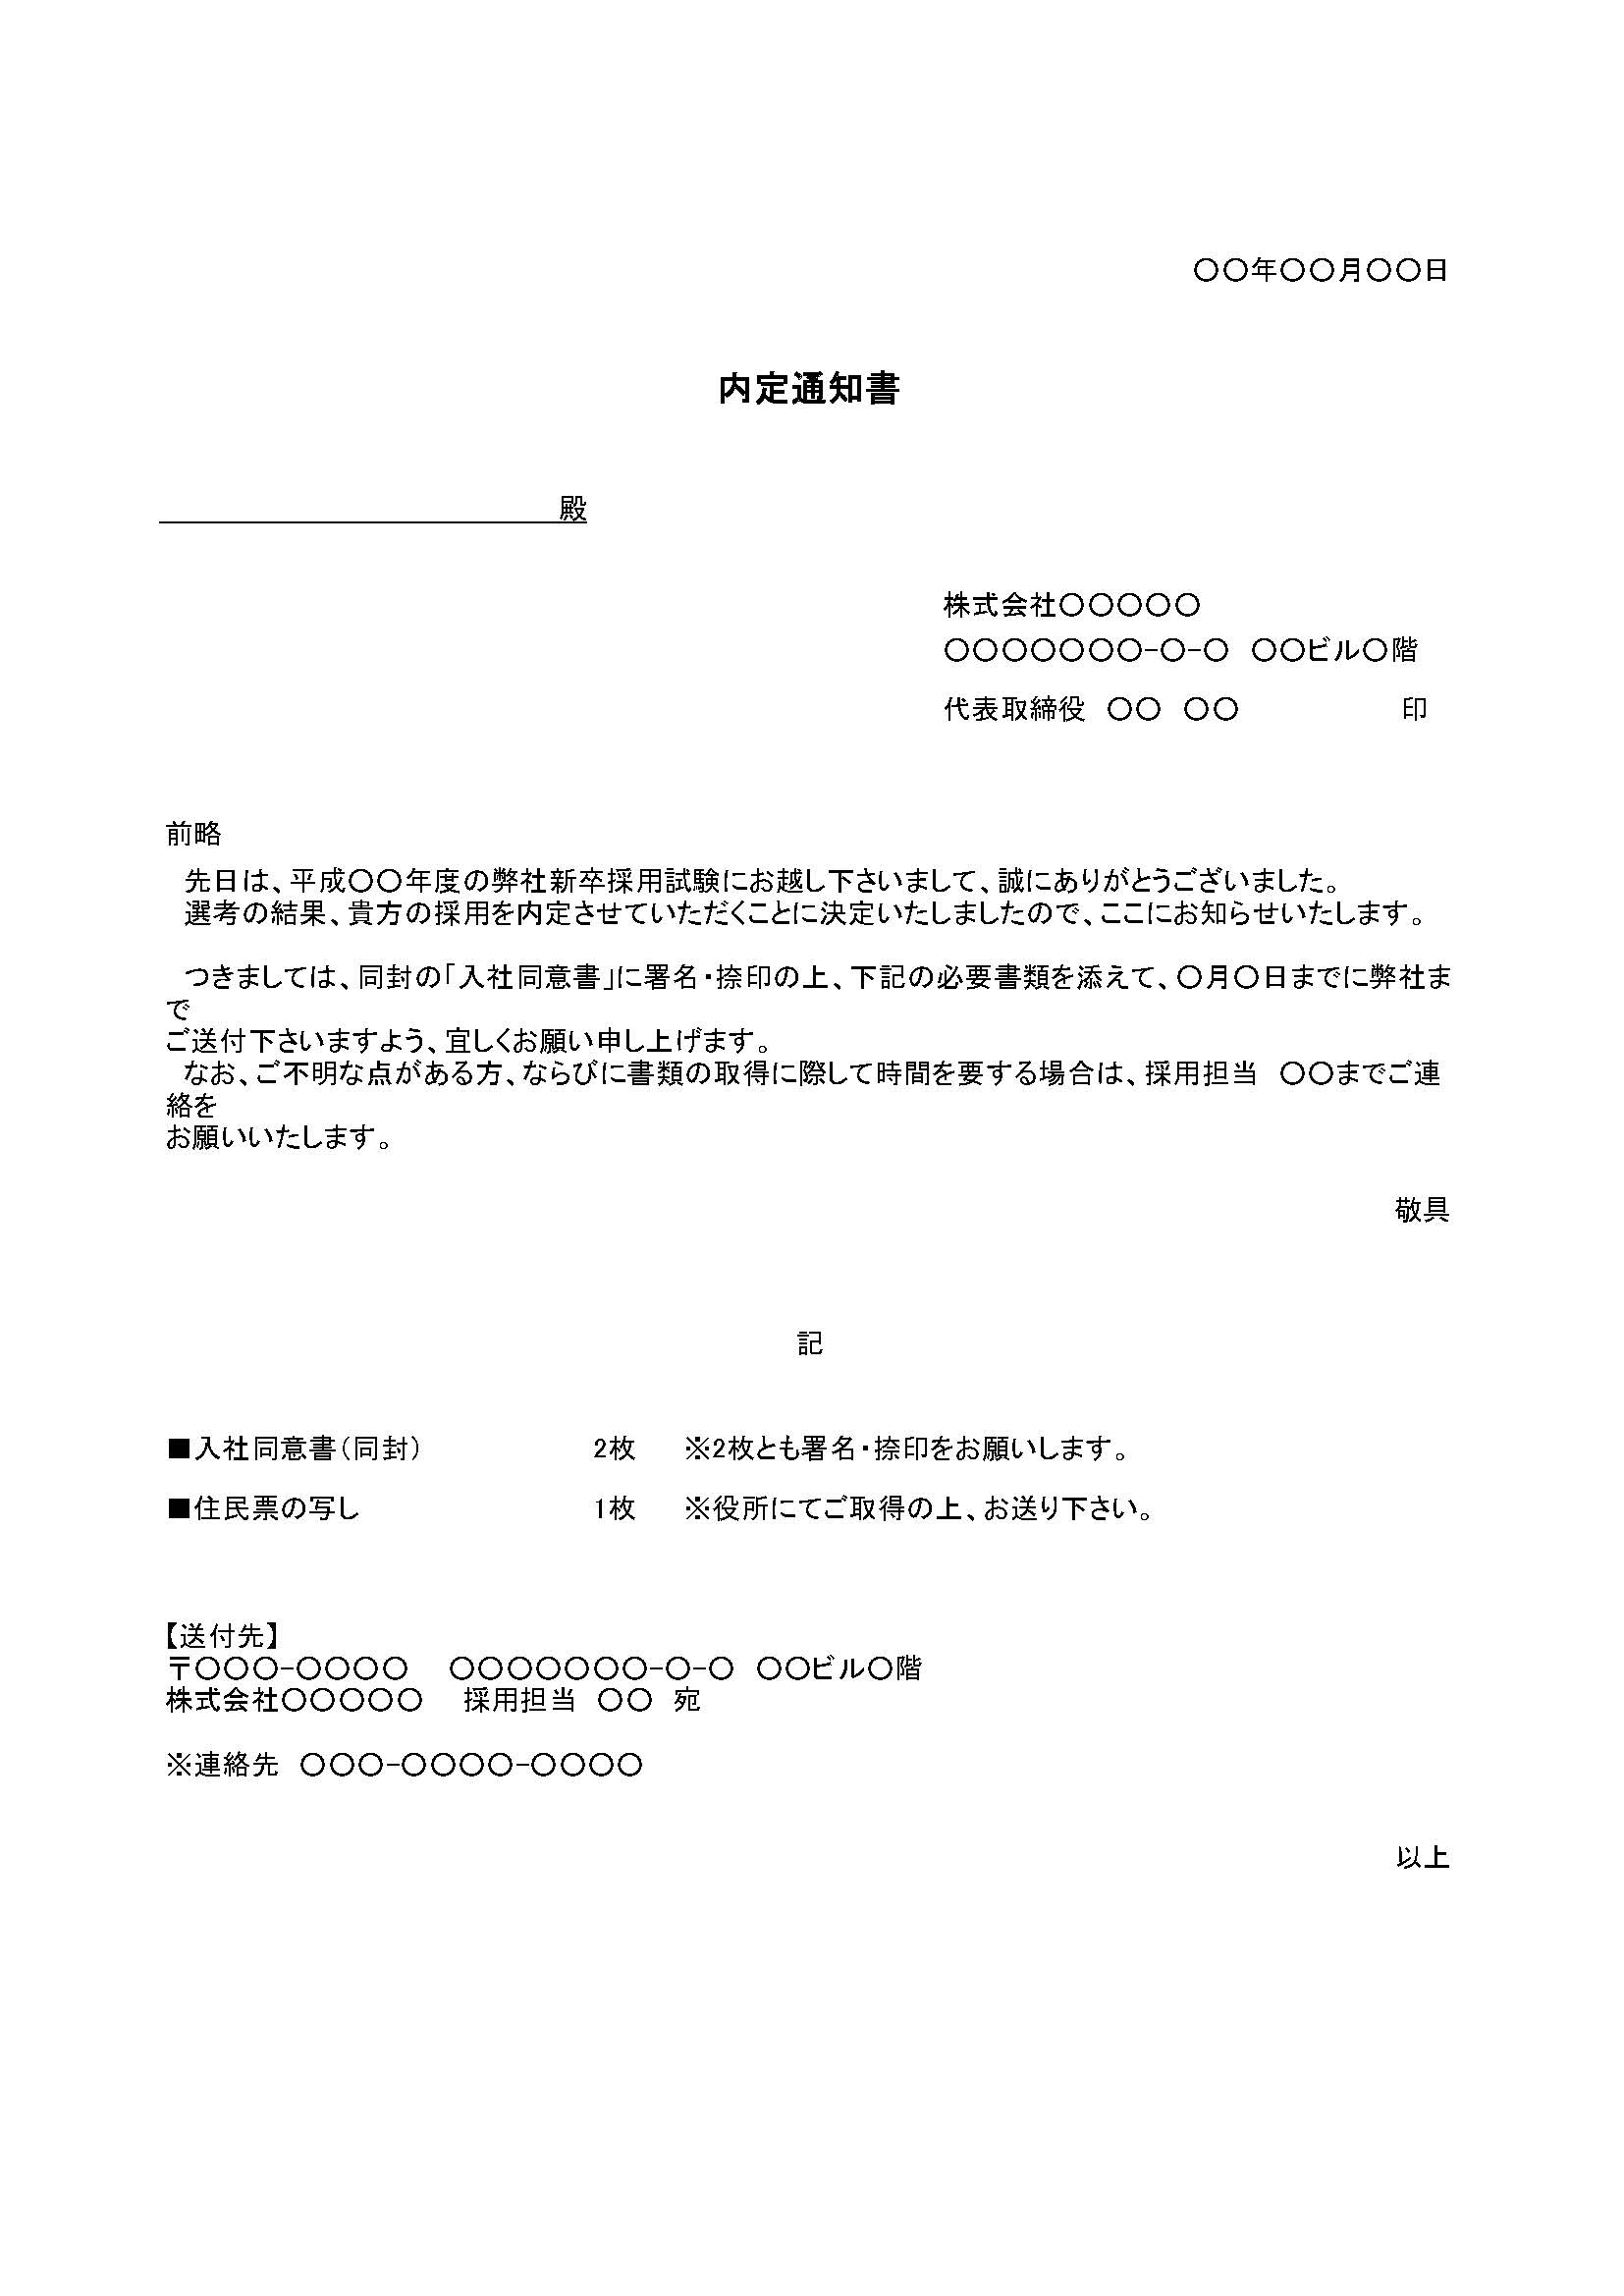 内定通知書(新卒採用試験)